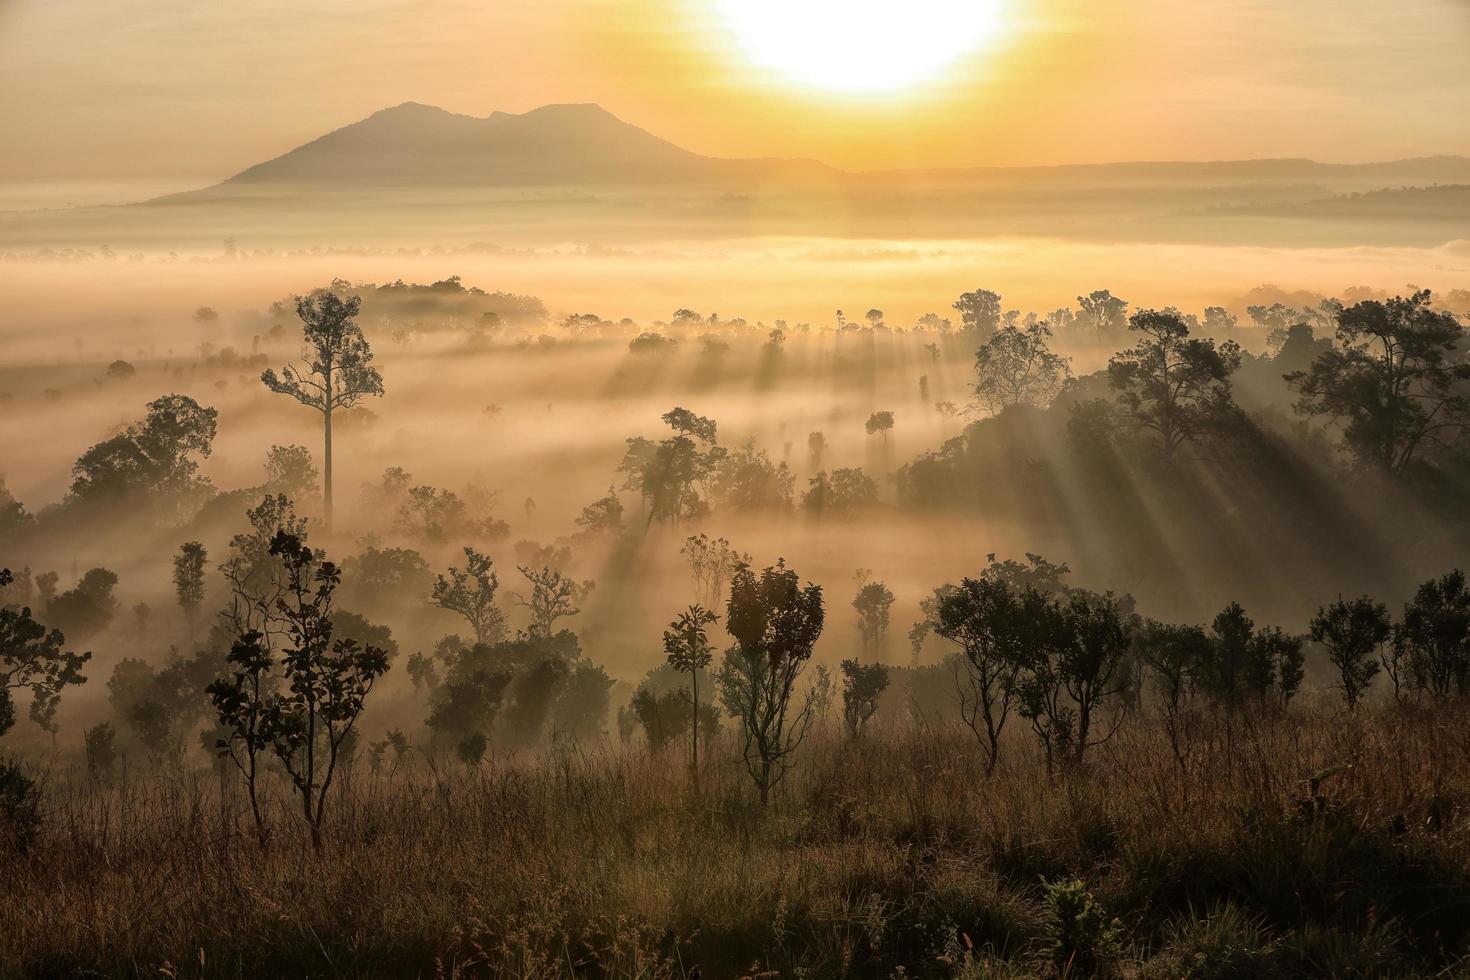 tramonto sulla foresta nebbiosa foto